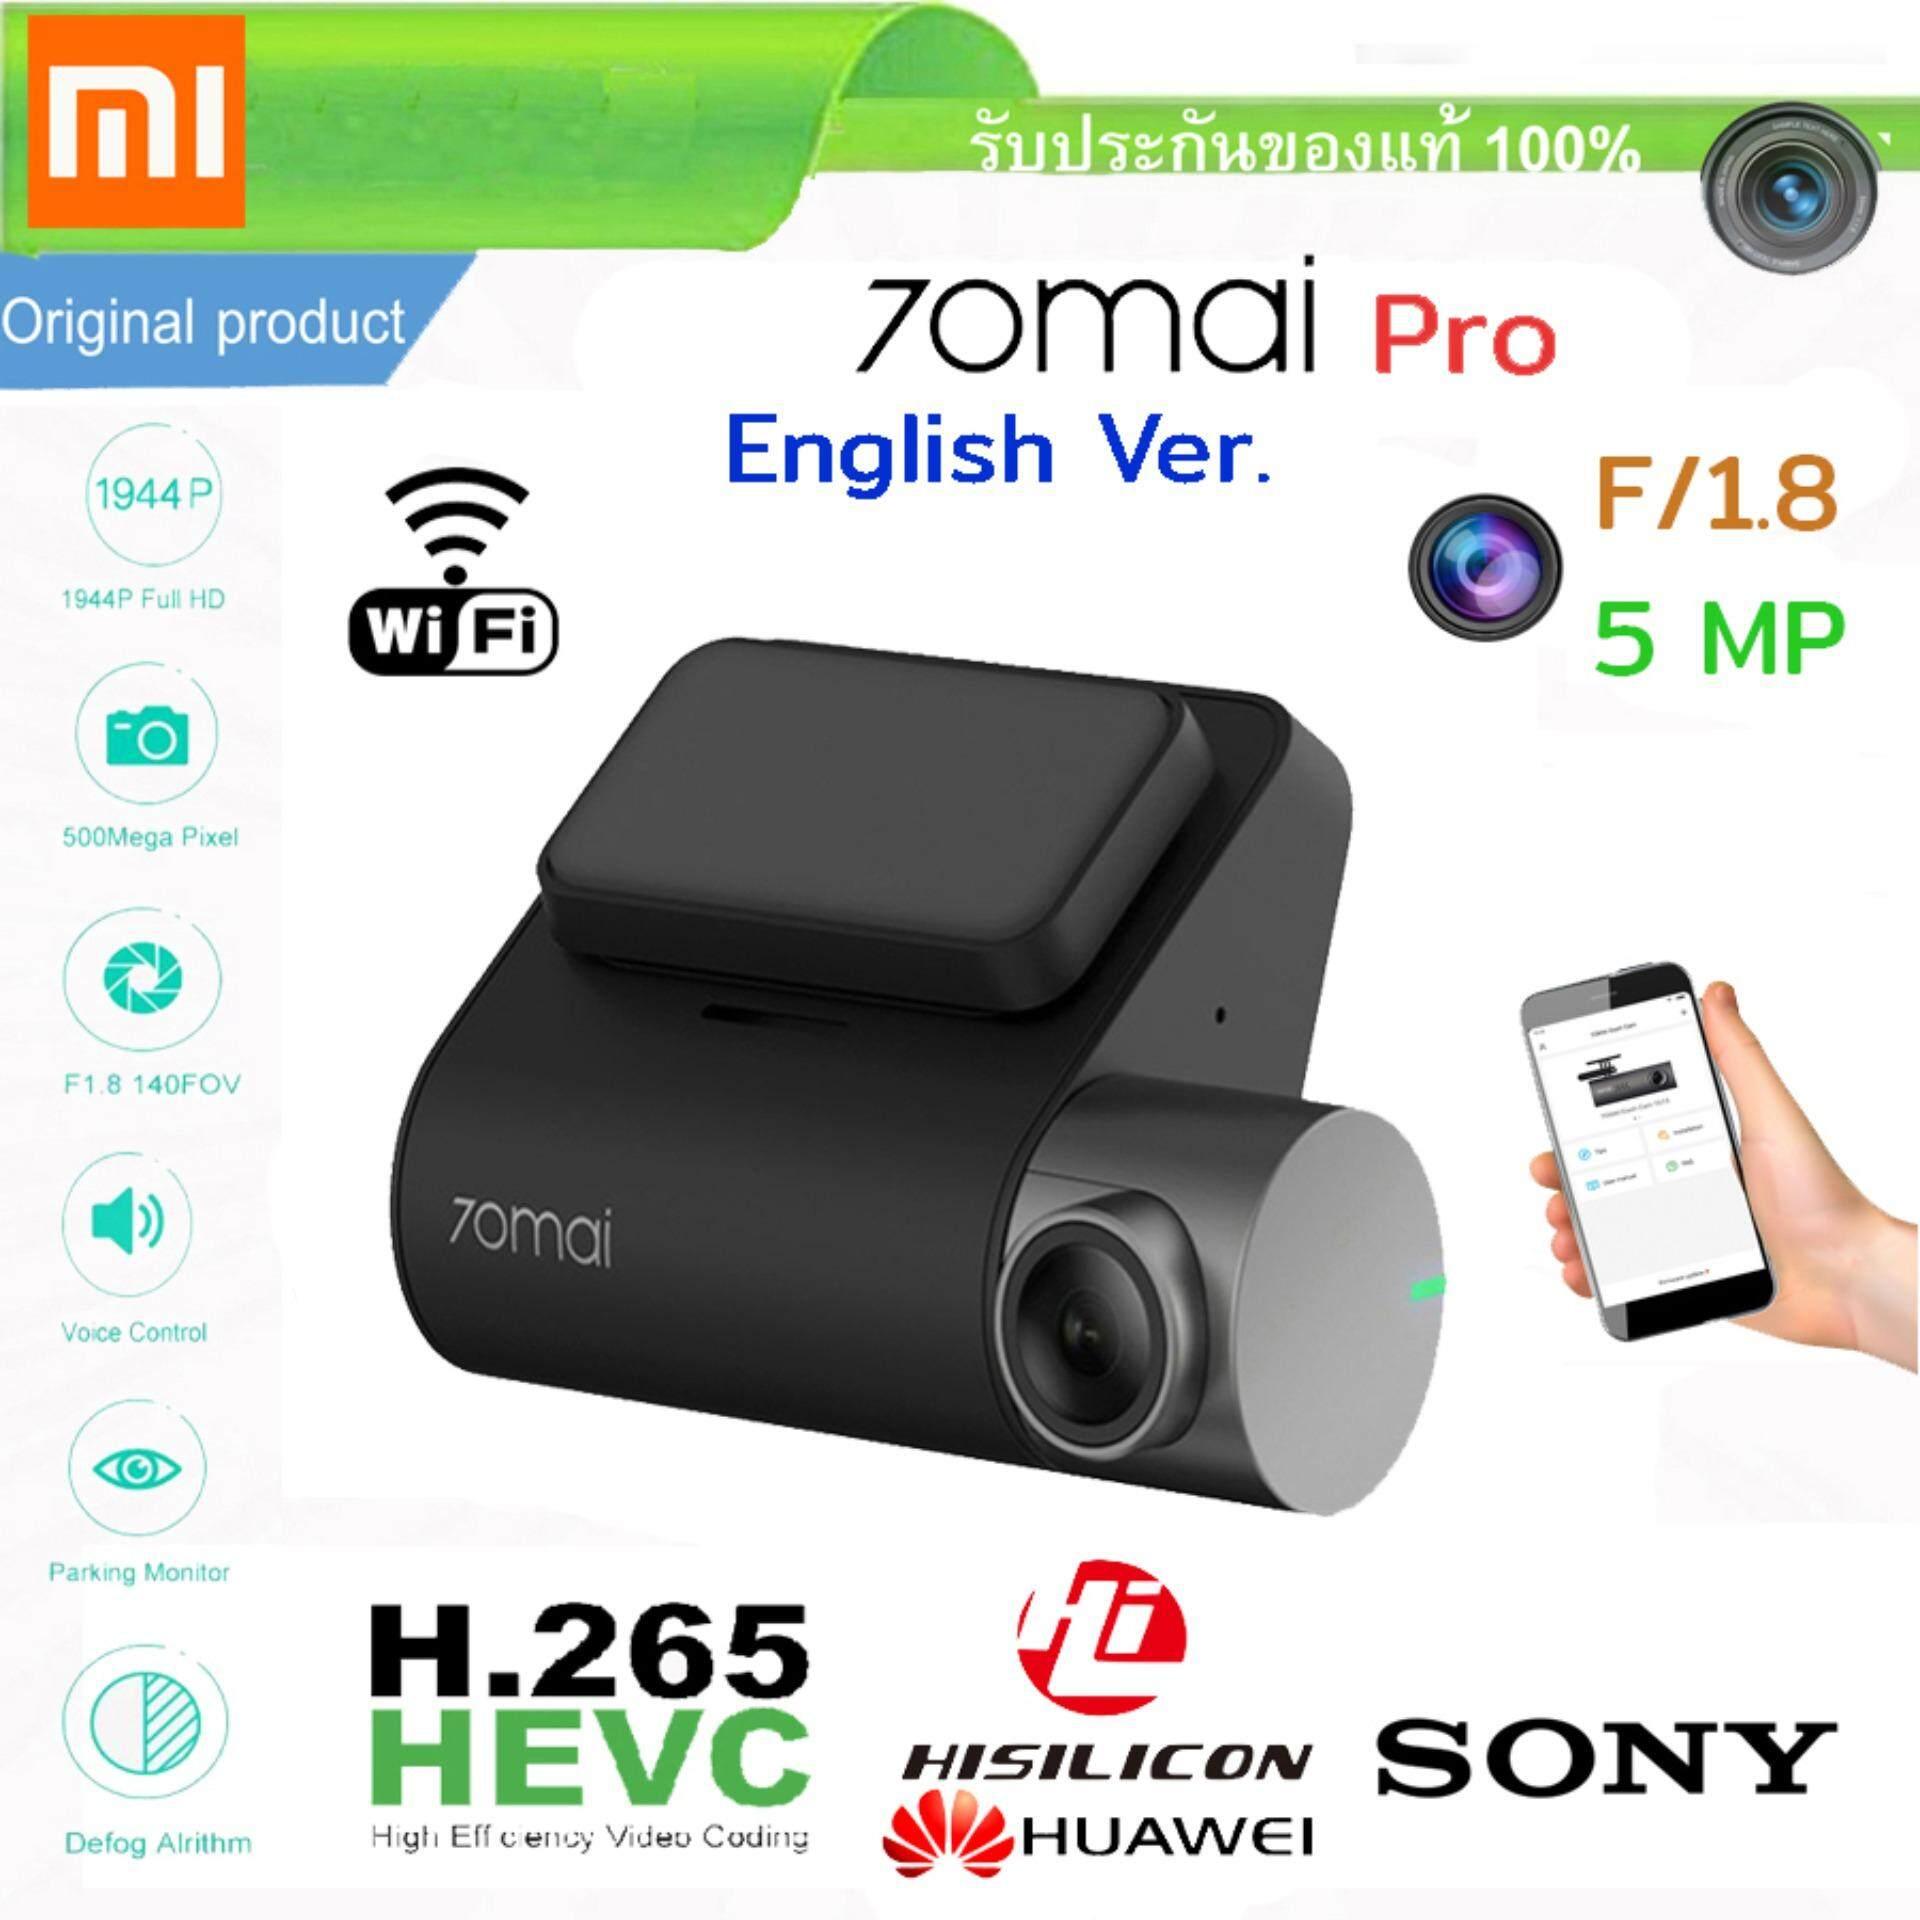 Xiaomi 70Mai Dash CAM Pro 1944 จุดรถกล้อง DVR WiFi Global version ภาษาอังกฤษ Voice Control ที่จอดรถ Monitor 140 FOV การมองเห็นได้ในเวลากลางคืน Dash Camera (No memory card))  - f4494136ef098fd7a24f7298a5502fe8 - แนะนำวิธีแกะ บัดกรี เปลี่ยนแบต กล้องติดรถยนต์ ตระกูลบอดี้เหล็ก ไร้น๊อต